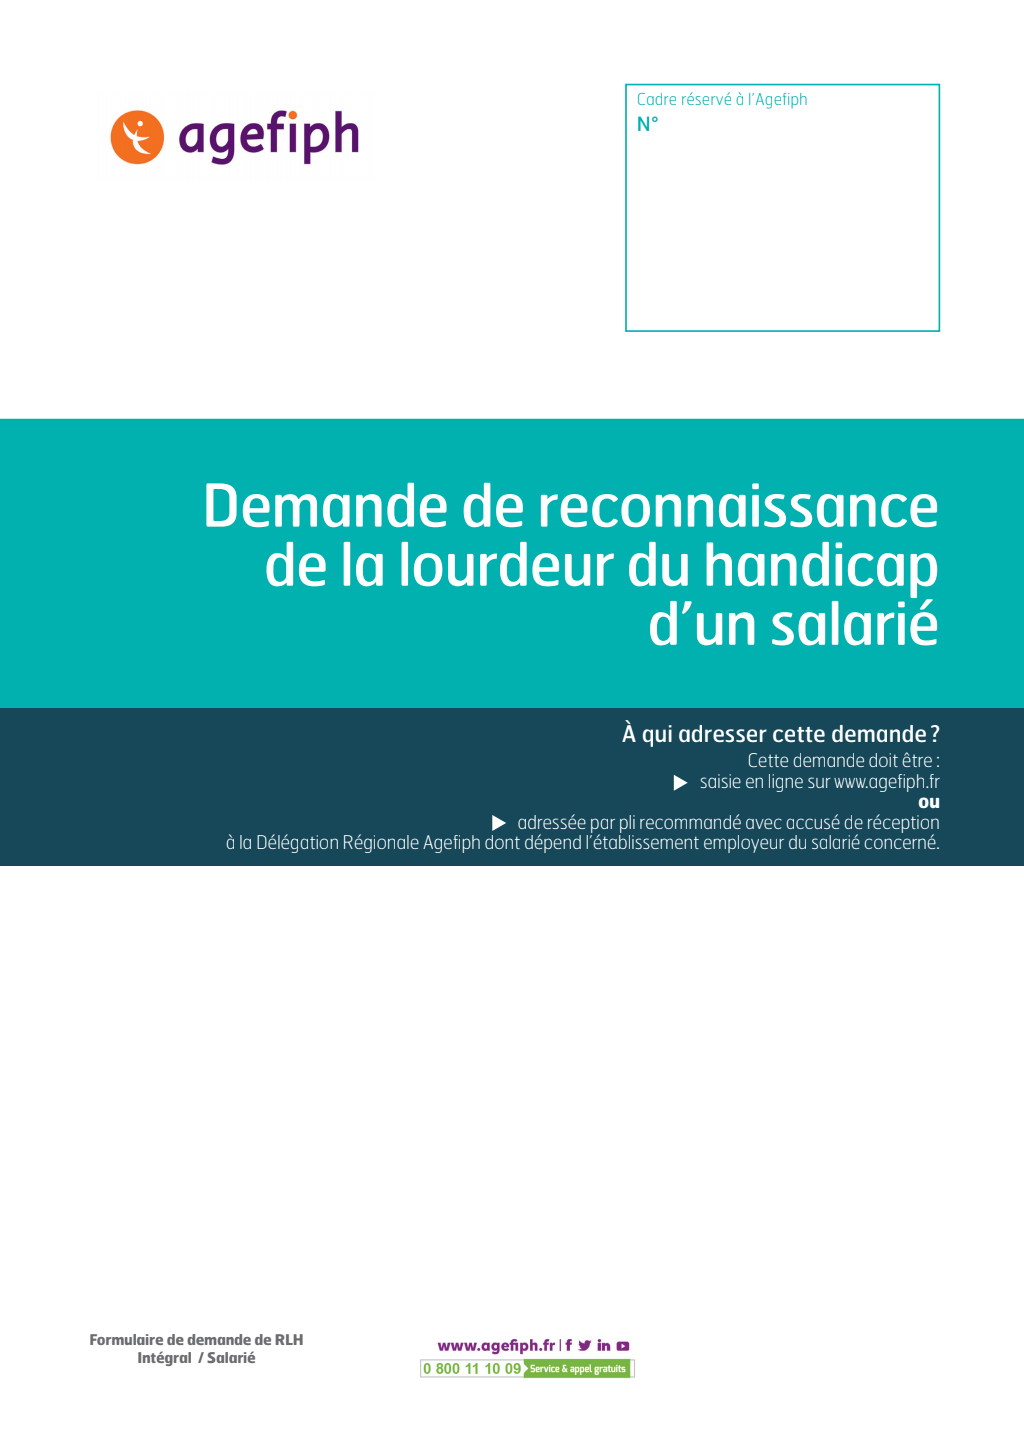 Formulaire_Demande de reconnaissance de la lourdeur du handicap d'un salarié